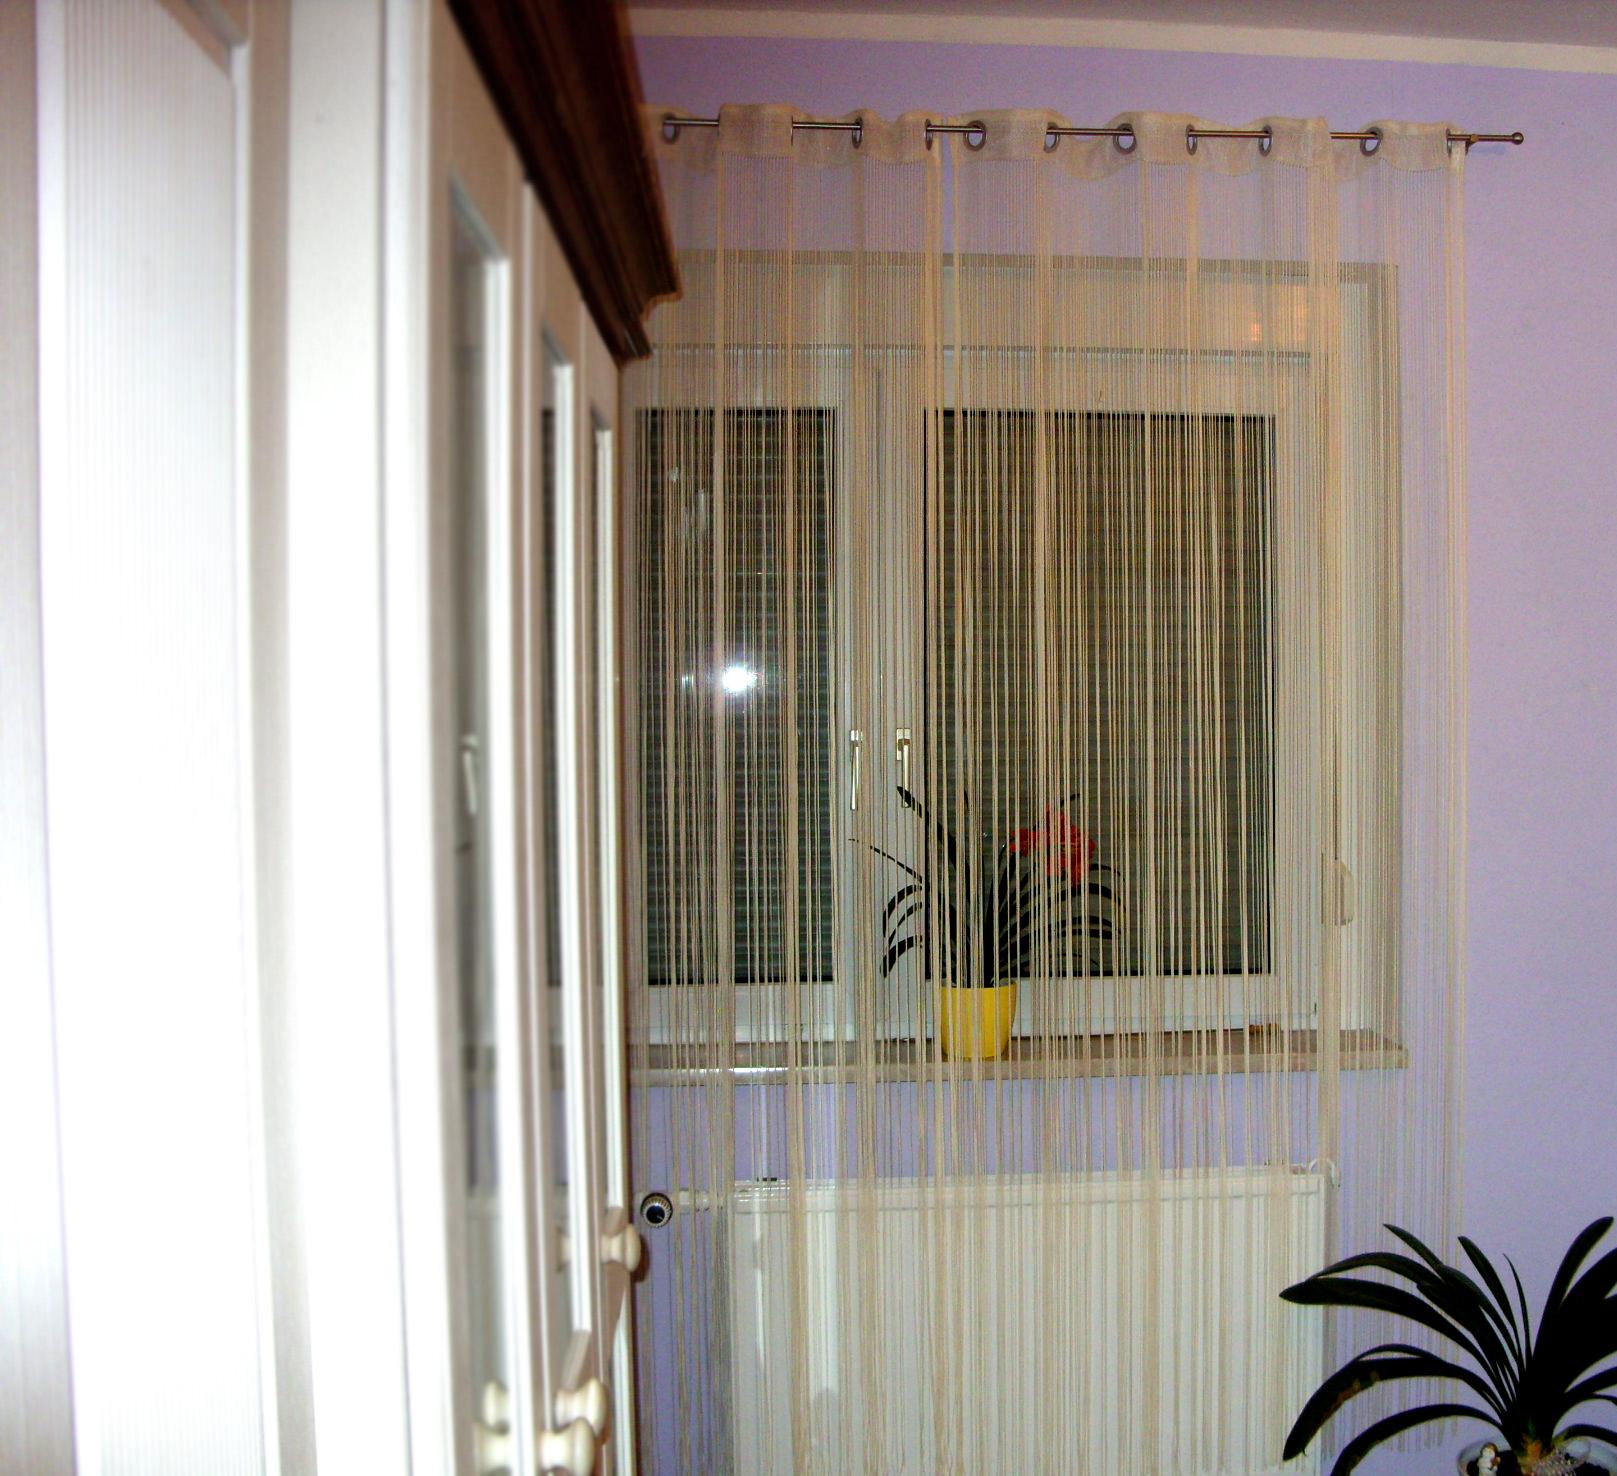 Full Size of Küchenfenster Gardine Bewertungen Zu Gardinen Stoffe Küche Wohnzimmer Für Die Schlafzimmer Fenster Scheibengardinen Wohnzimmer Küchenfenster Gardine